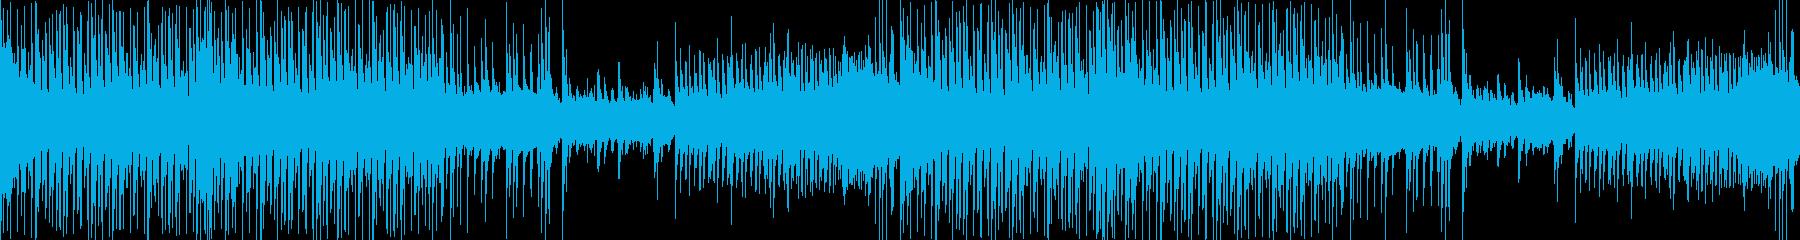 わくわく楽しい三味線・和風EDMの再生済みの波形